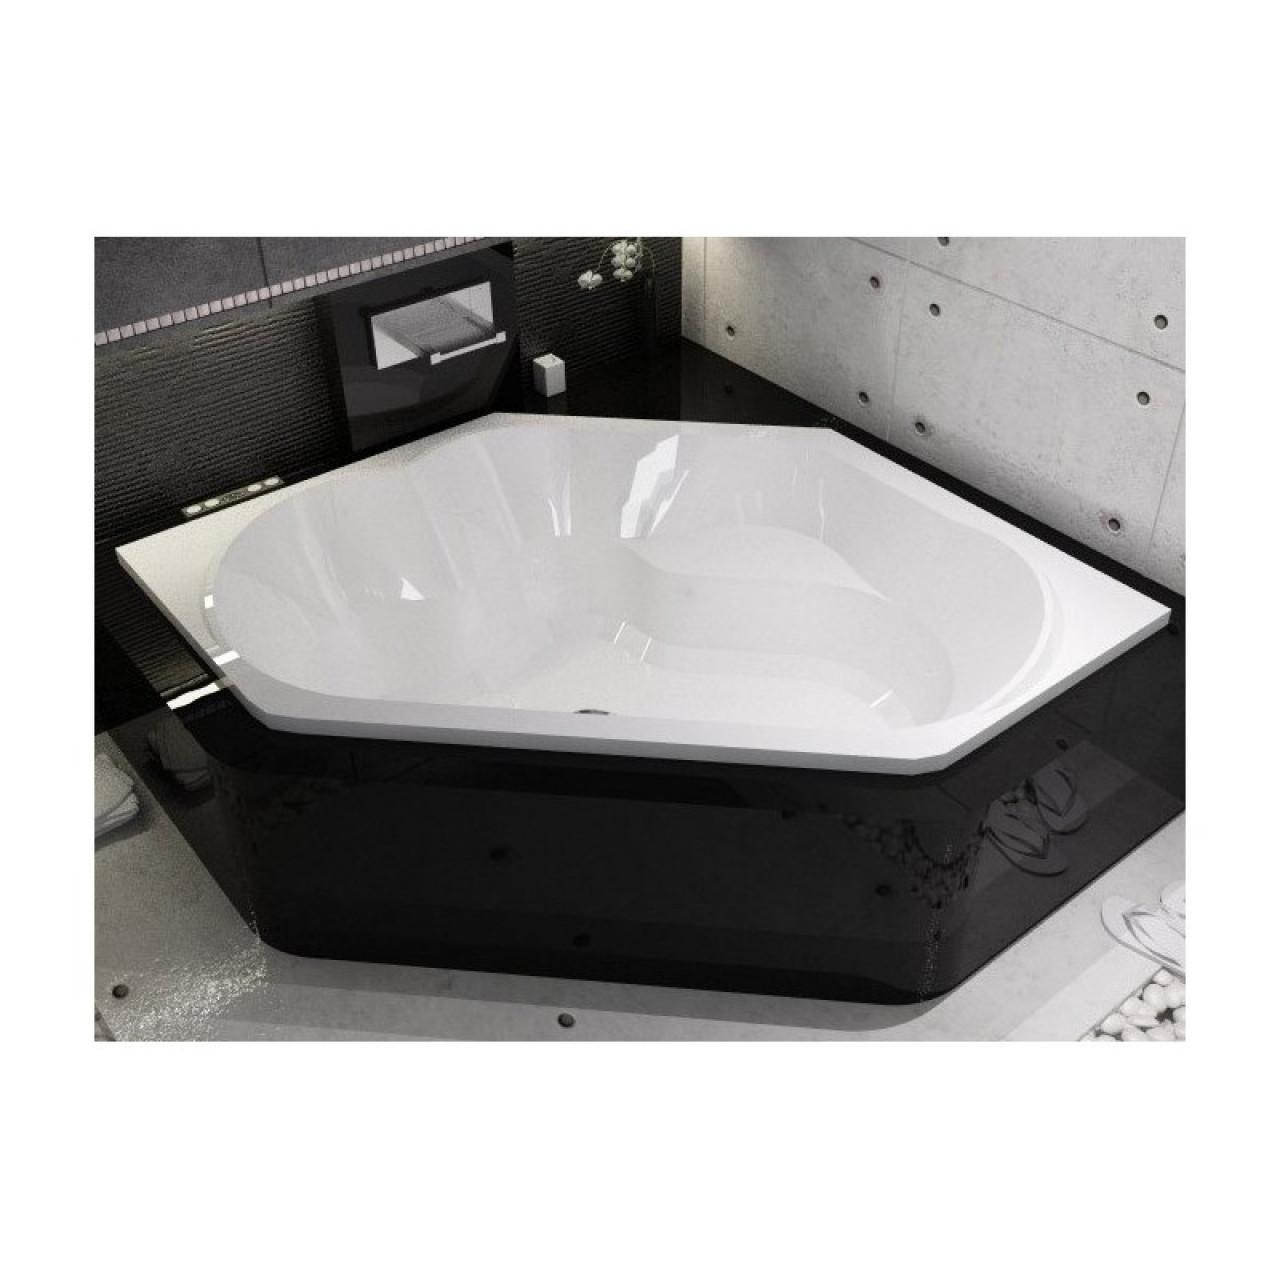 Акриловая ванна Riho Winnipeg 145 купить в Москве по цене от 51962р. в интернет-магазине mebel-v-vannu.ru